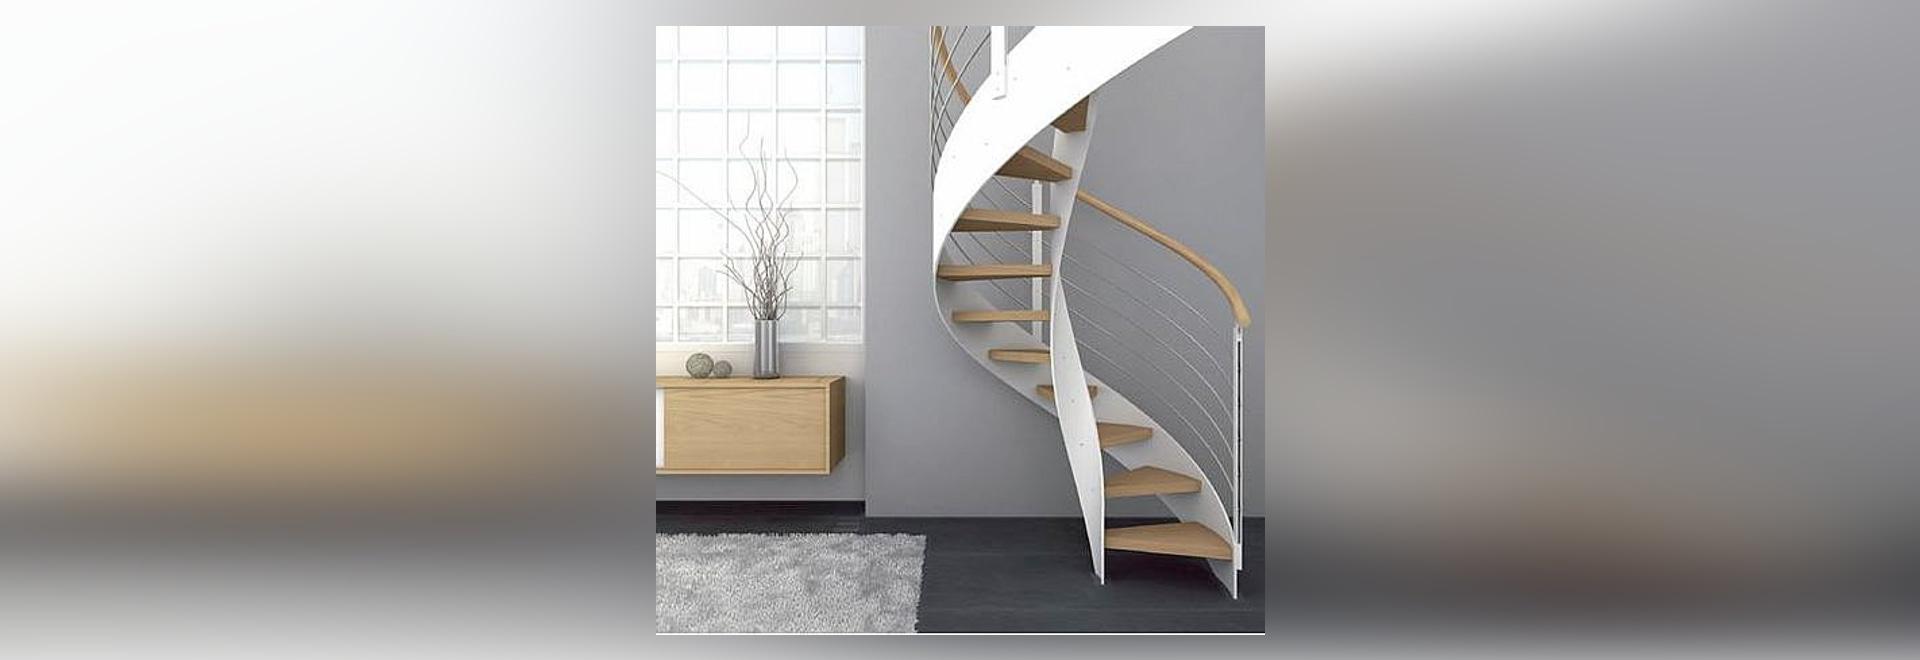 escalera espiral del diseo